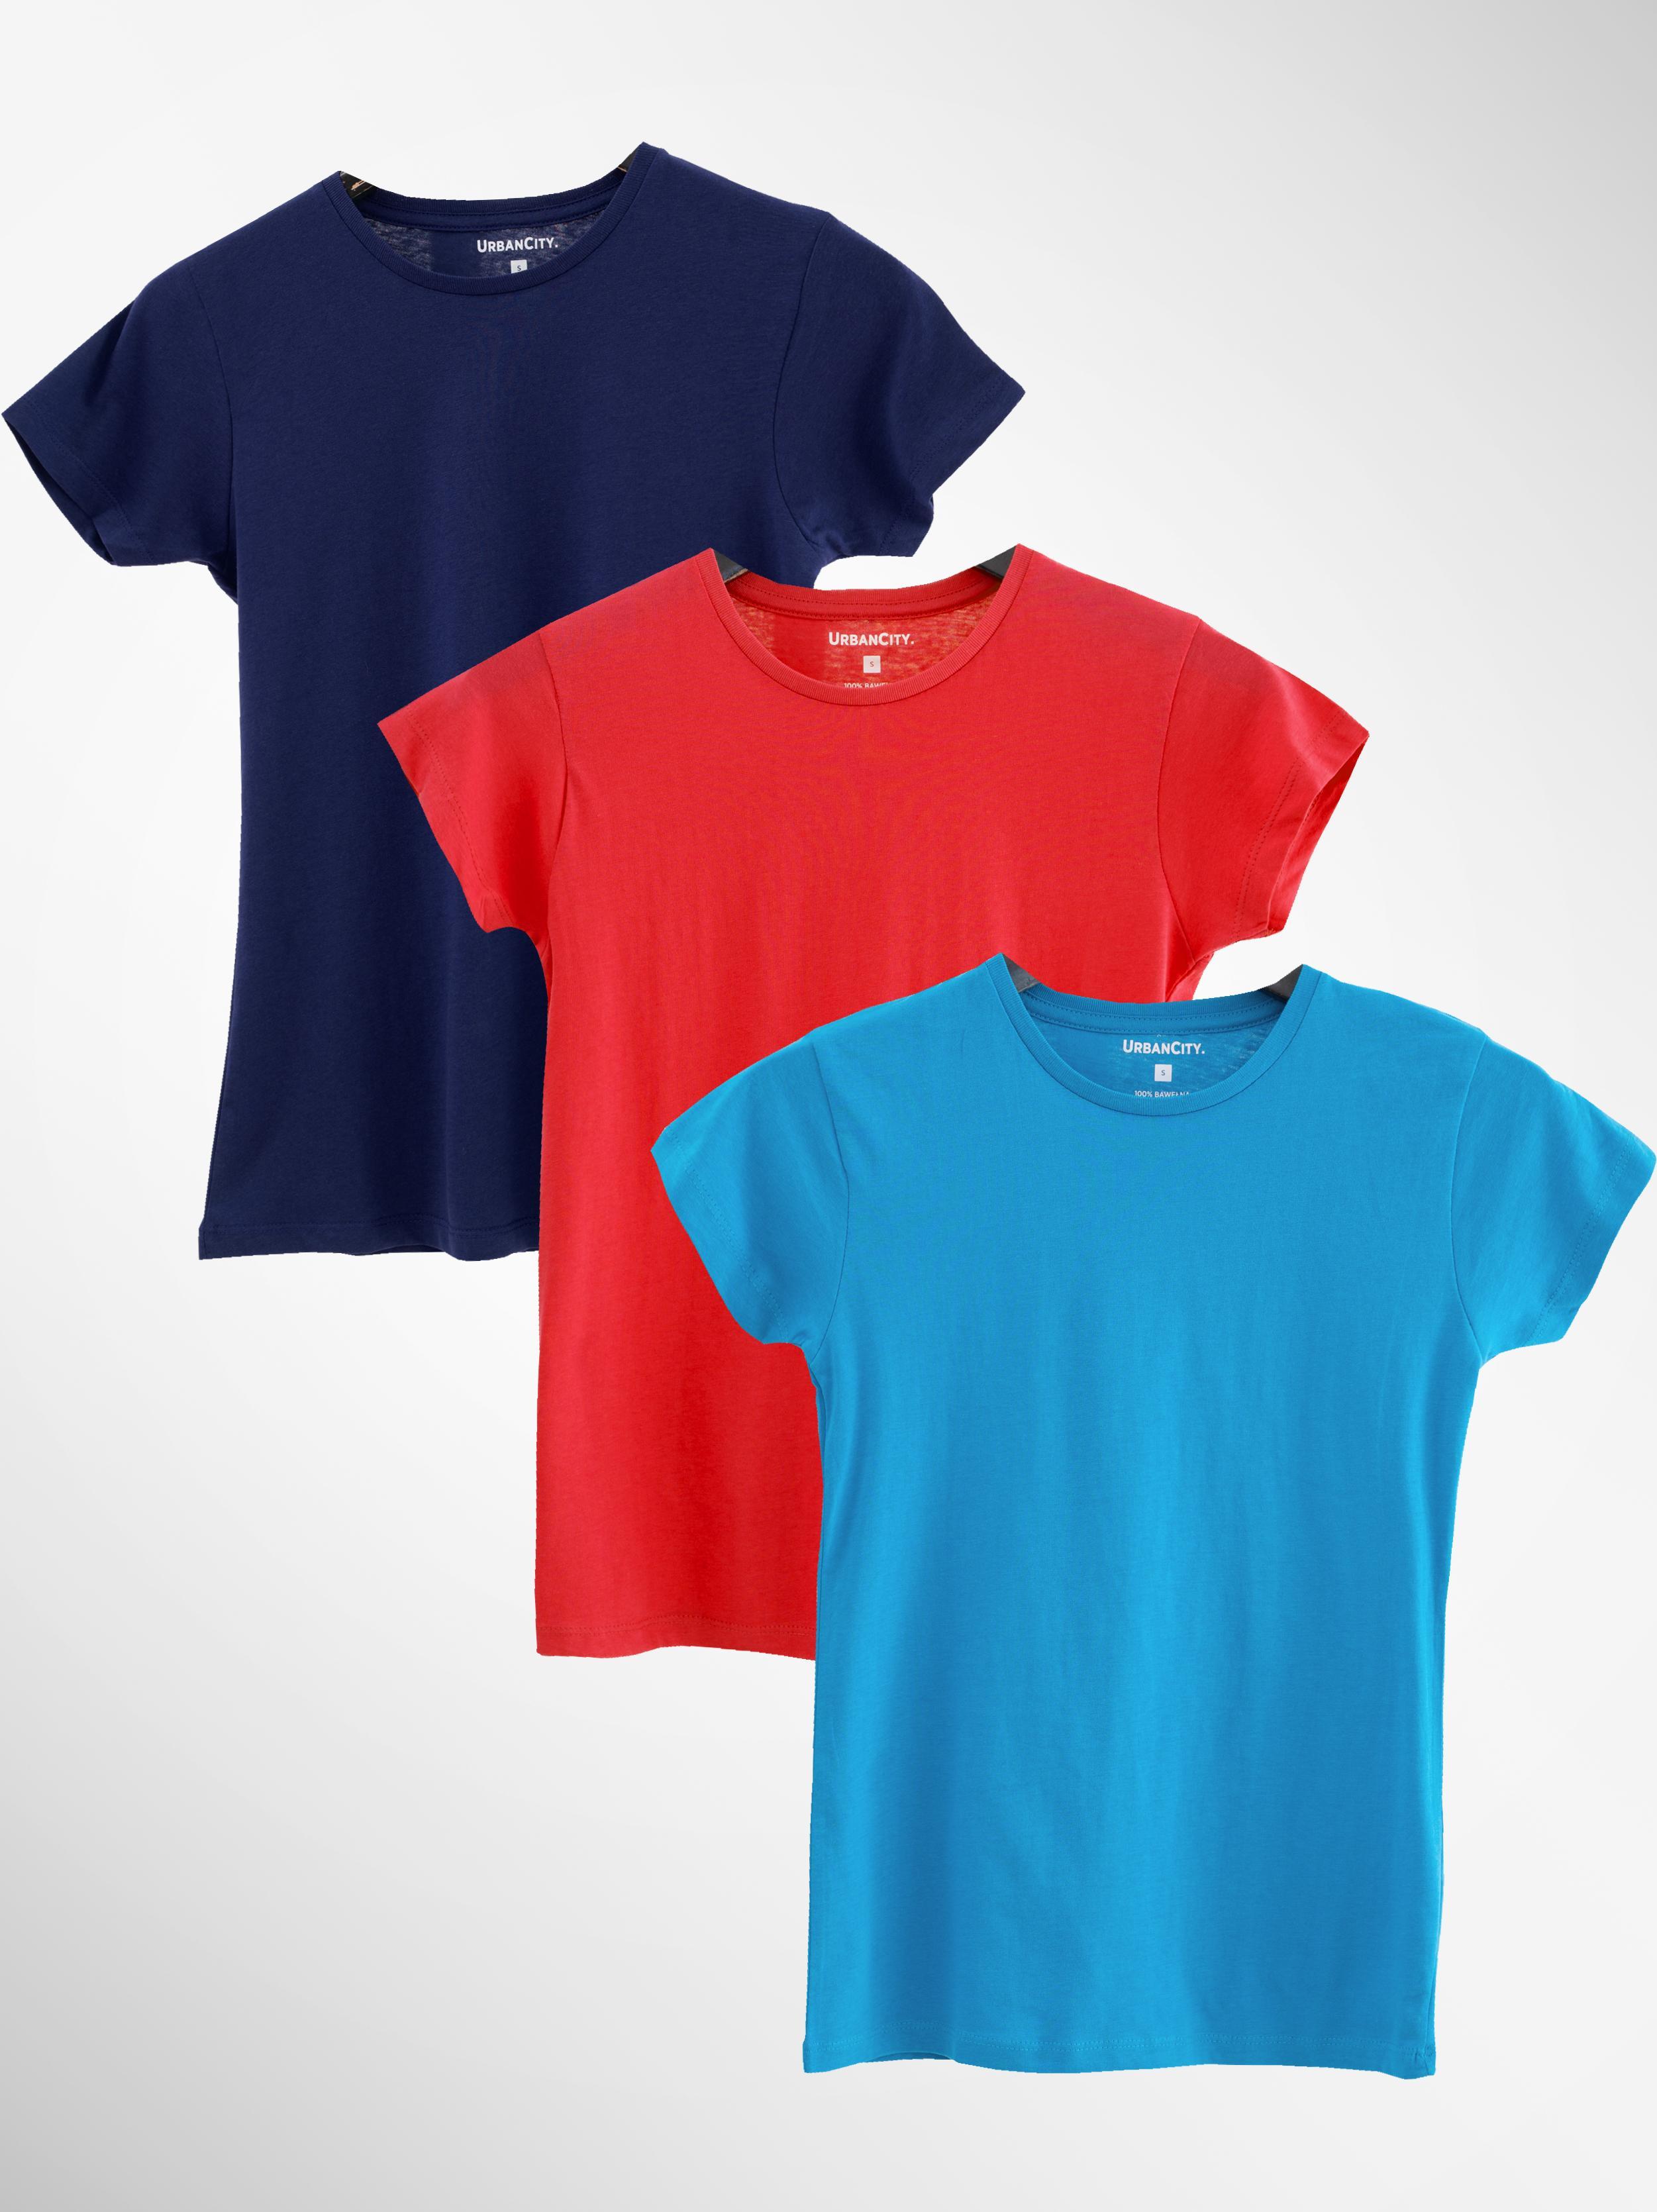 Zestaw 3 Damskich T-Shirtów Urban City No Logo Basic Czerwony / Granatowy / Turkusowy